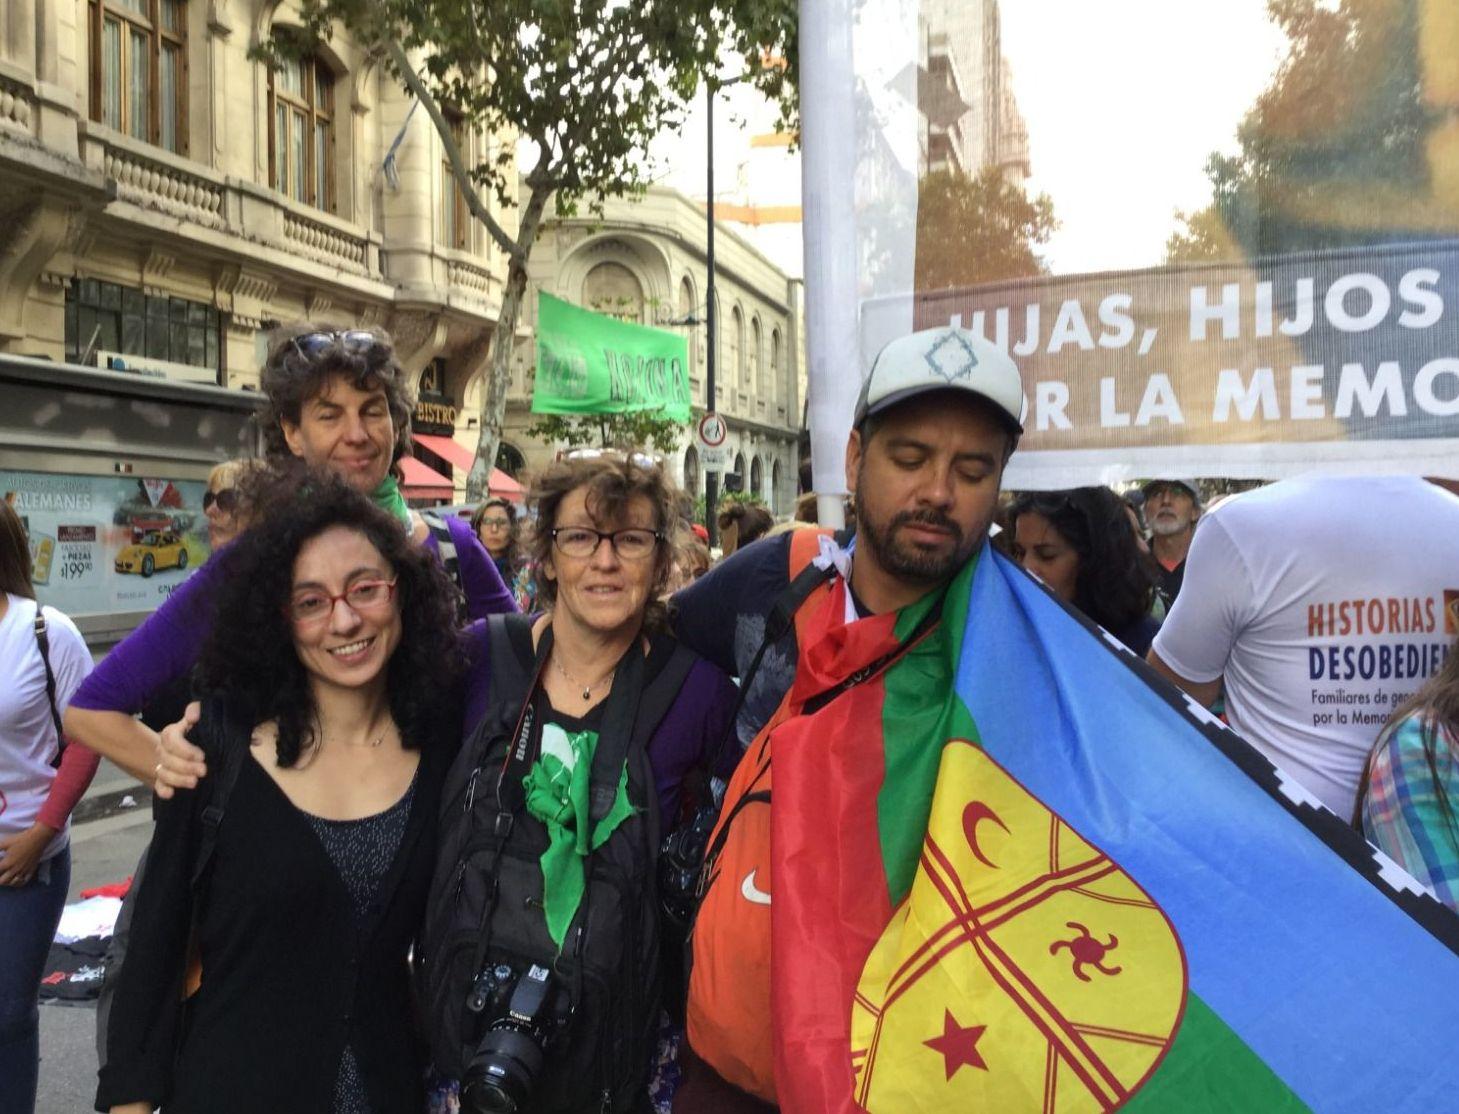 Integrantes de Historias Desobedientes de Chile, en la marcha por la Memoria en Buenos Aires, marzo de 2019